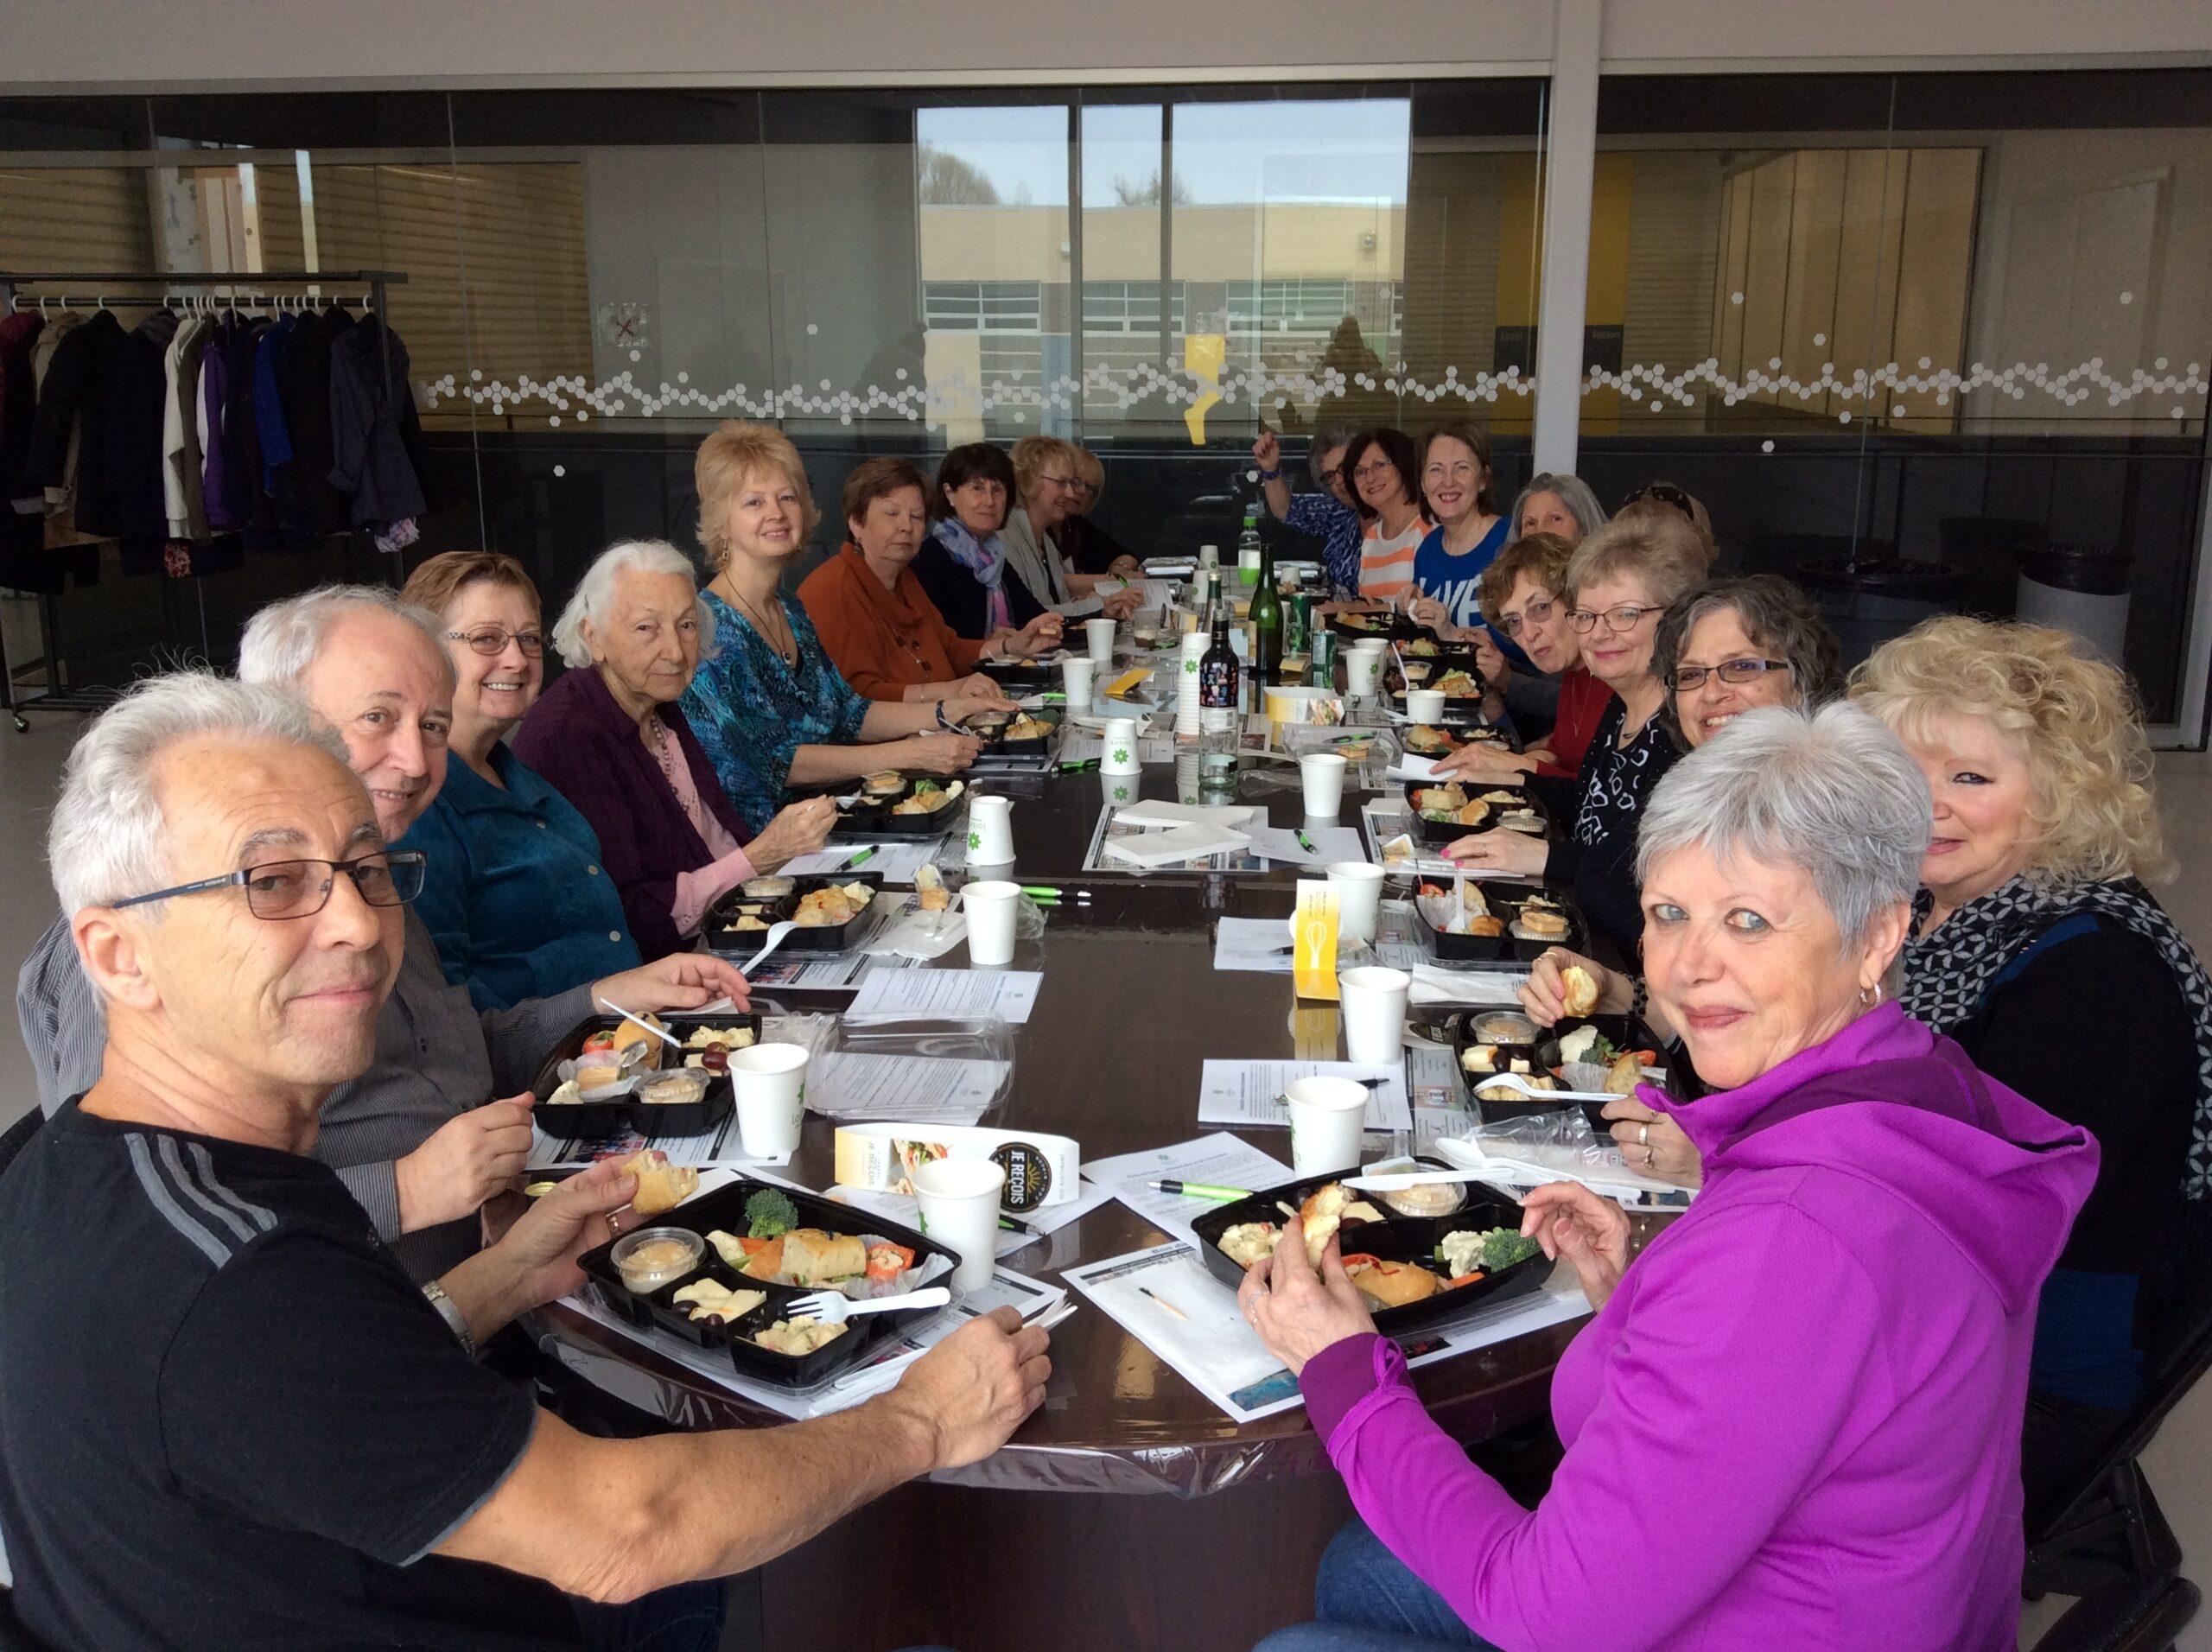 Activités communautaires pour aînés